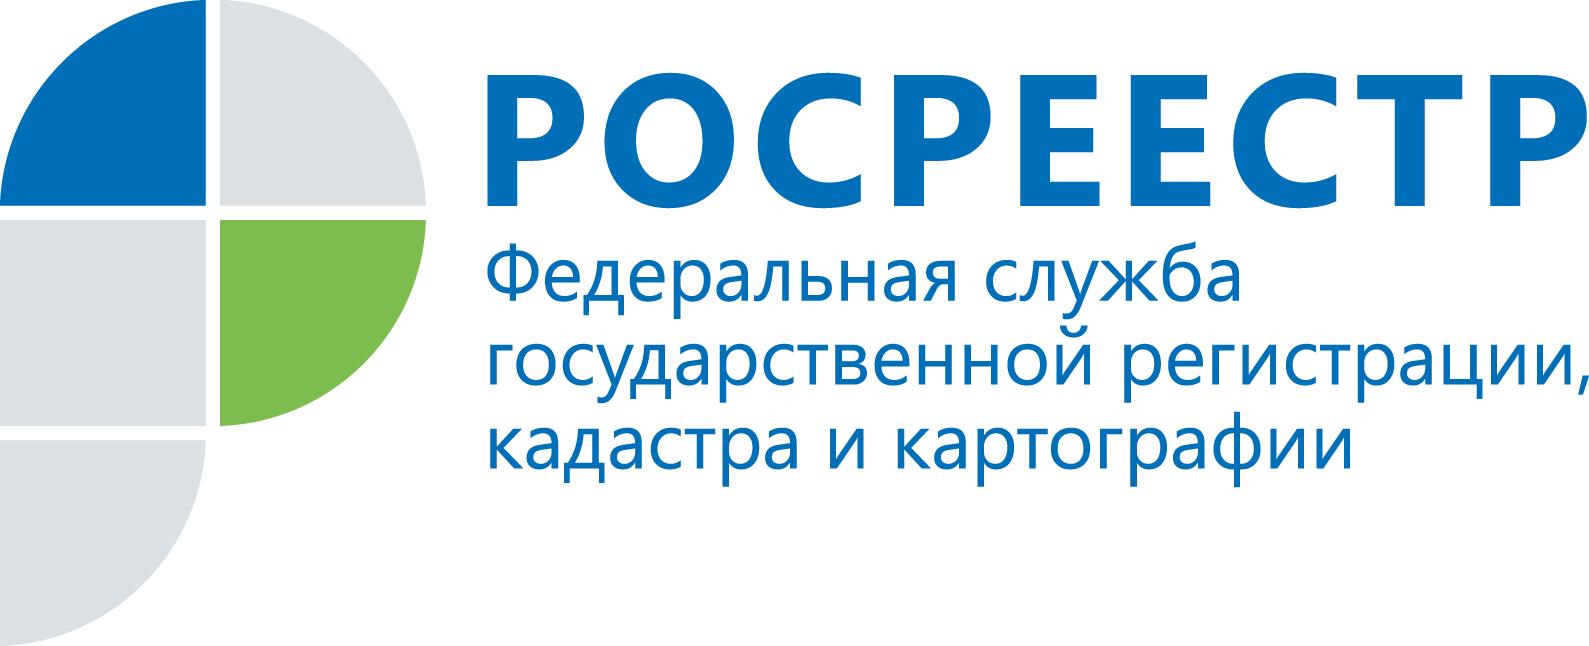 служба государственной регистрации Росреестр